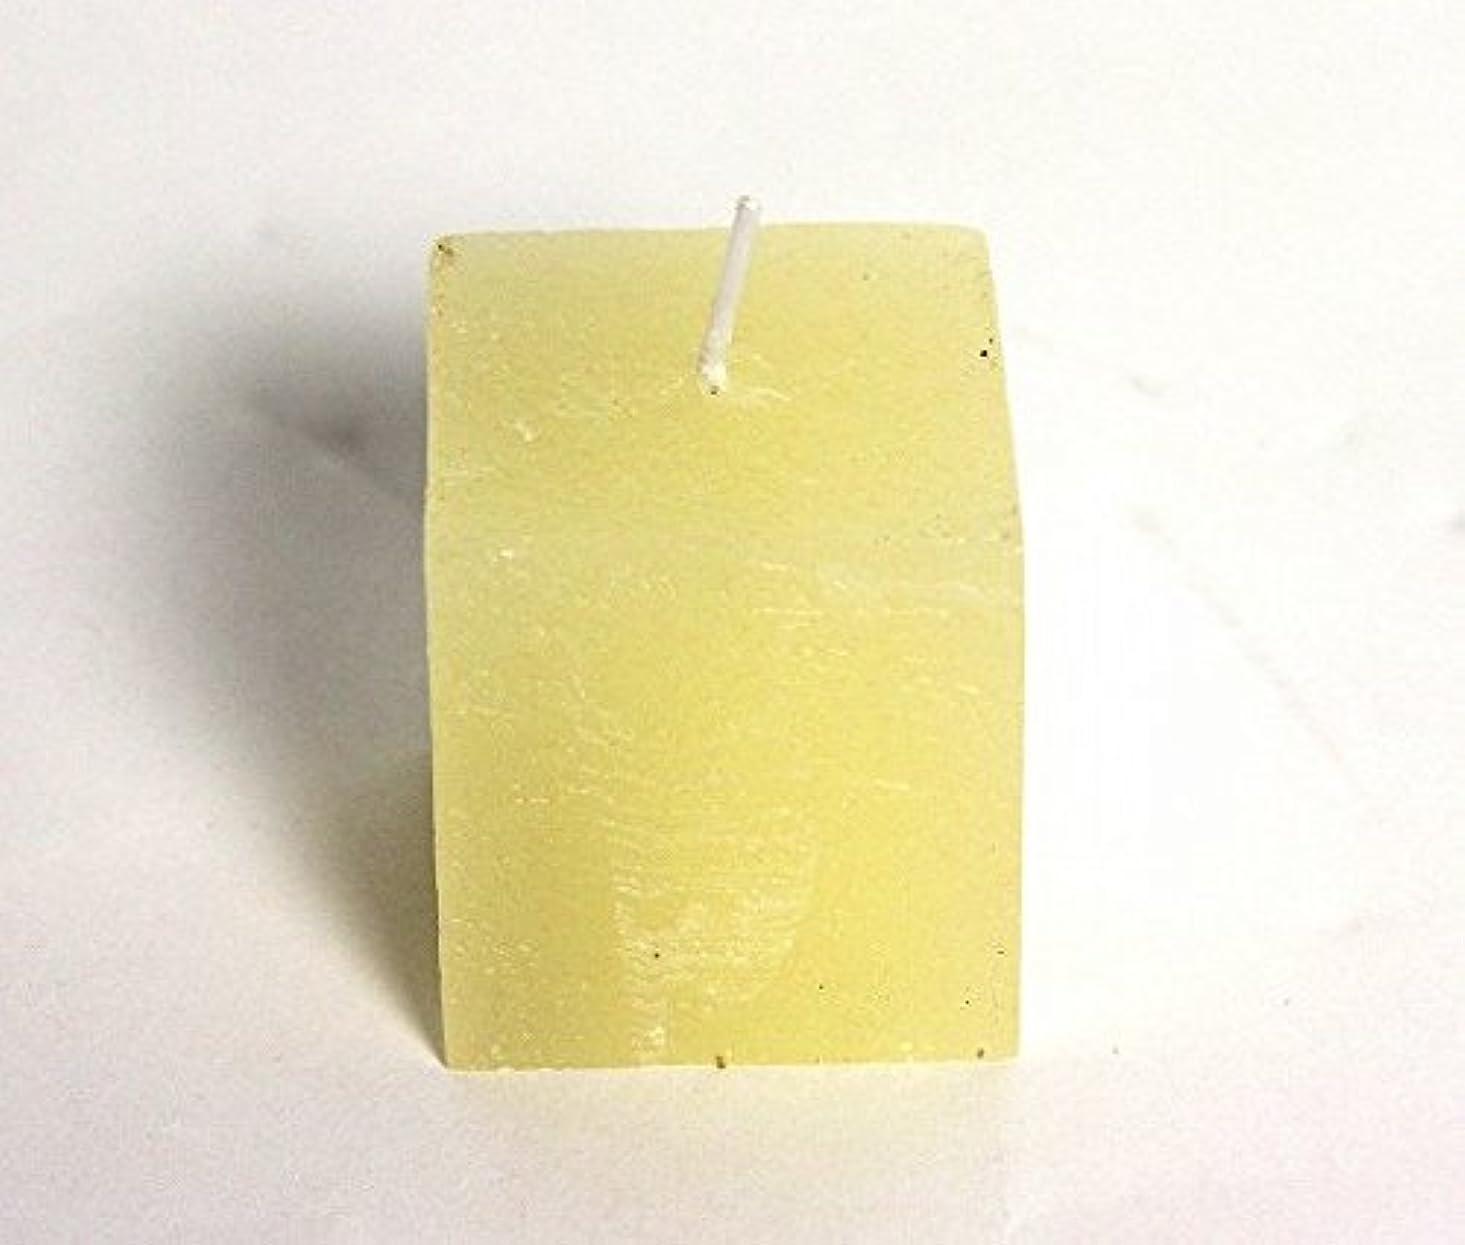 中世の大使館制限されたkameyama candle(カメヤマキャンドル) ラスティクミニキューブ 「 アイボリー 」(A4921000IV)